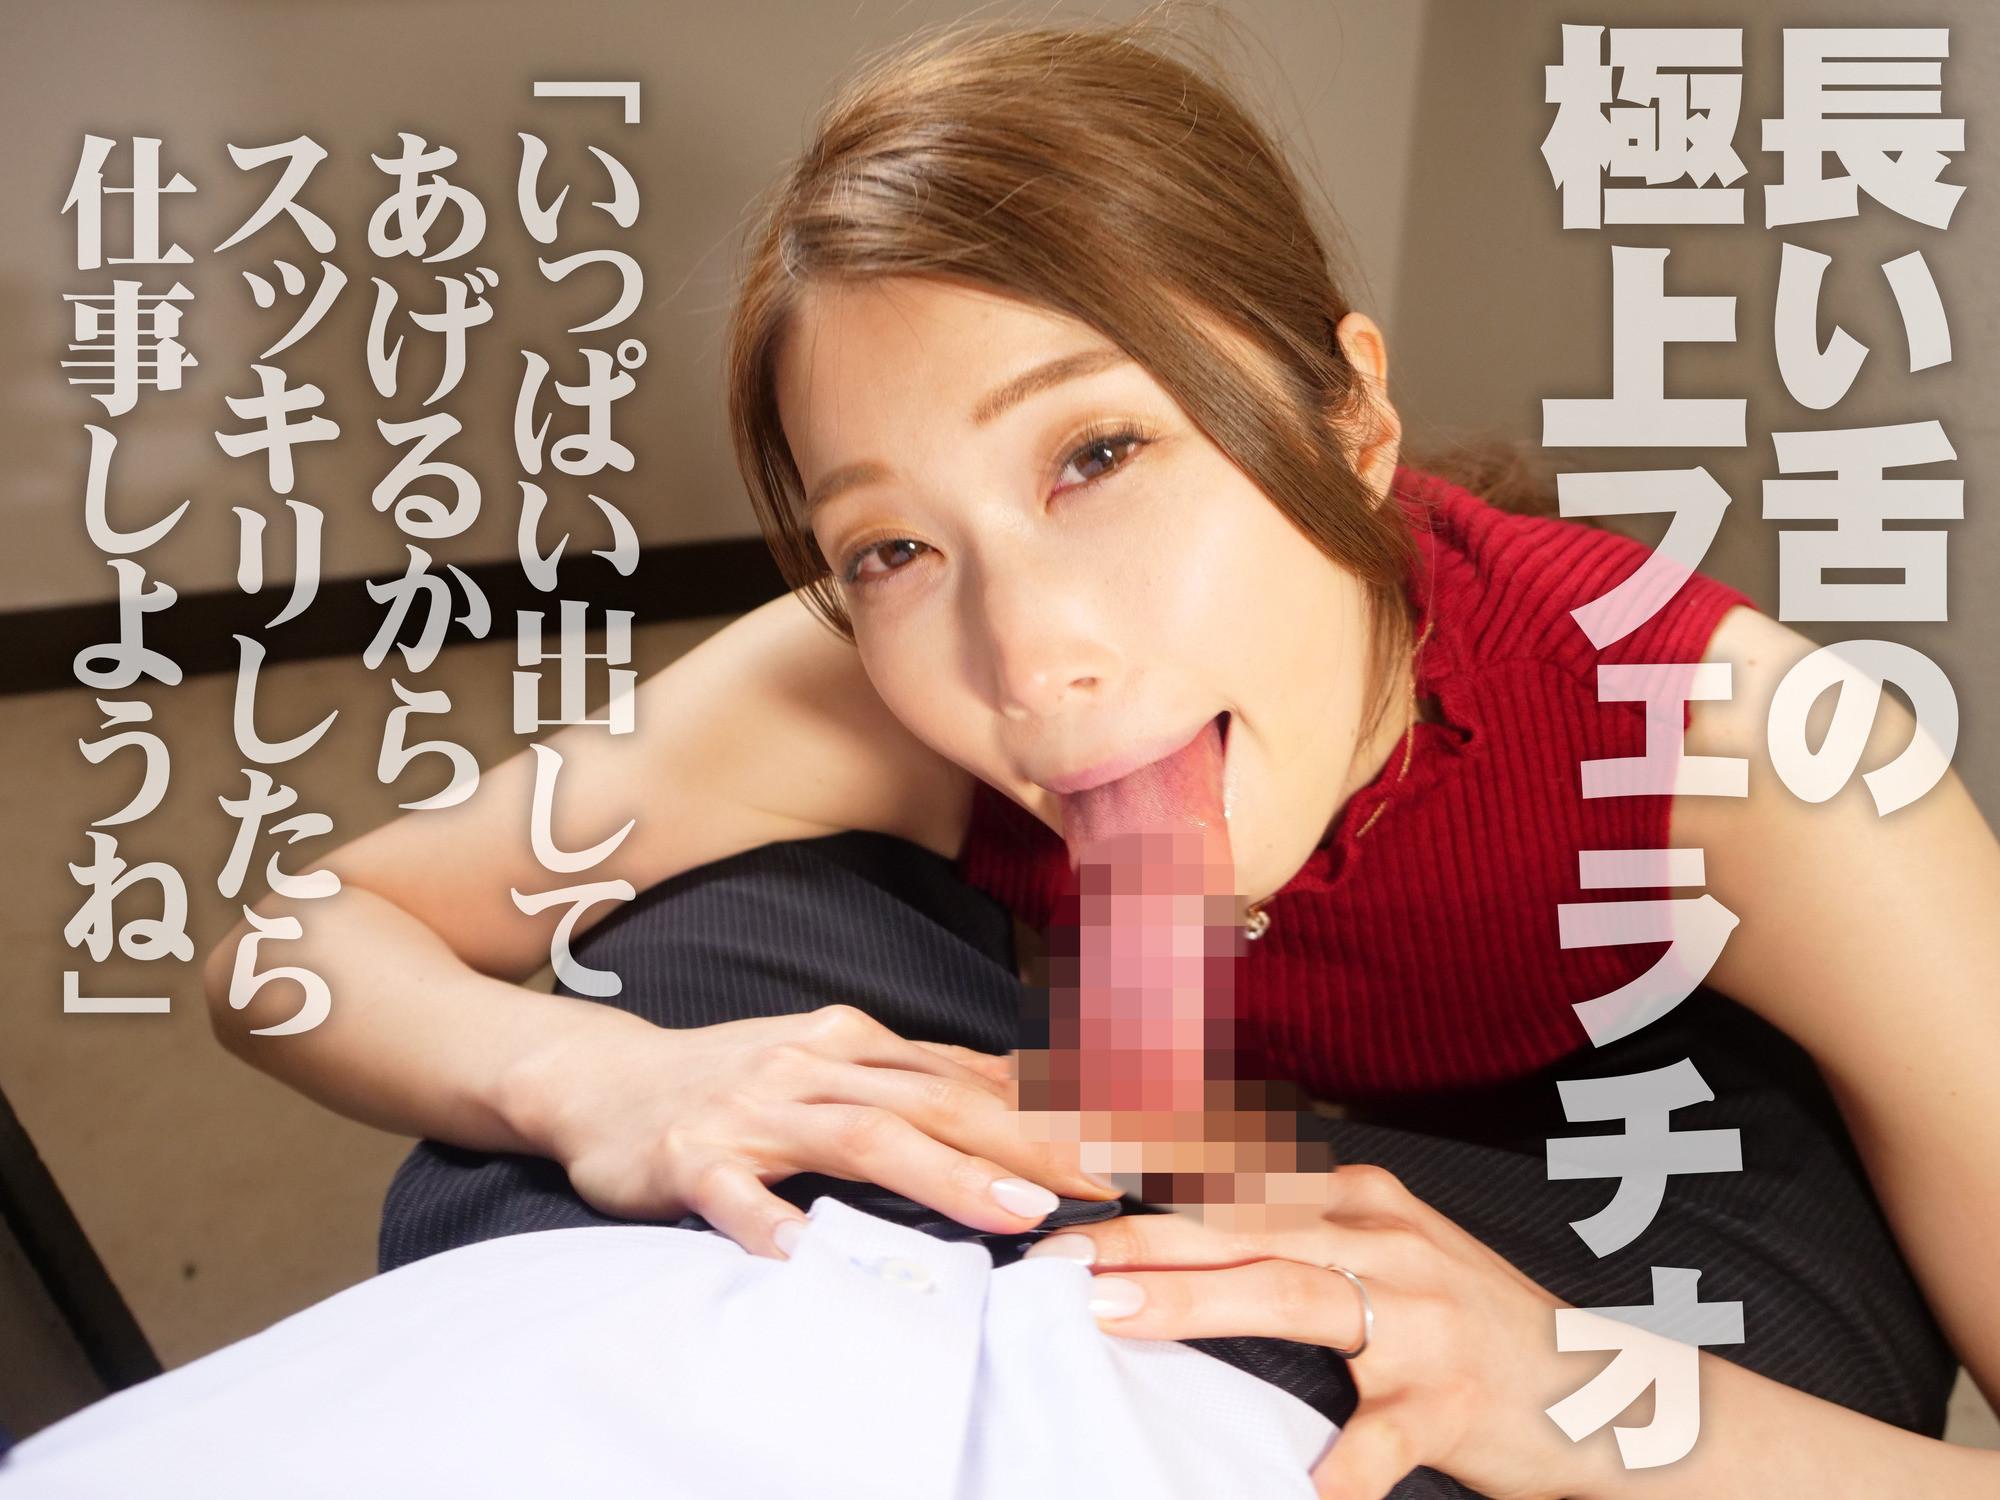 職場でヤレる女 営業部由美香 31歳 勤務中に生でハメて膣内射精した性交記録,のサンプル画像8